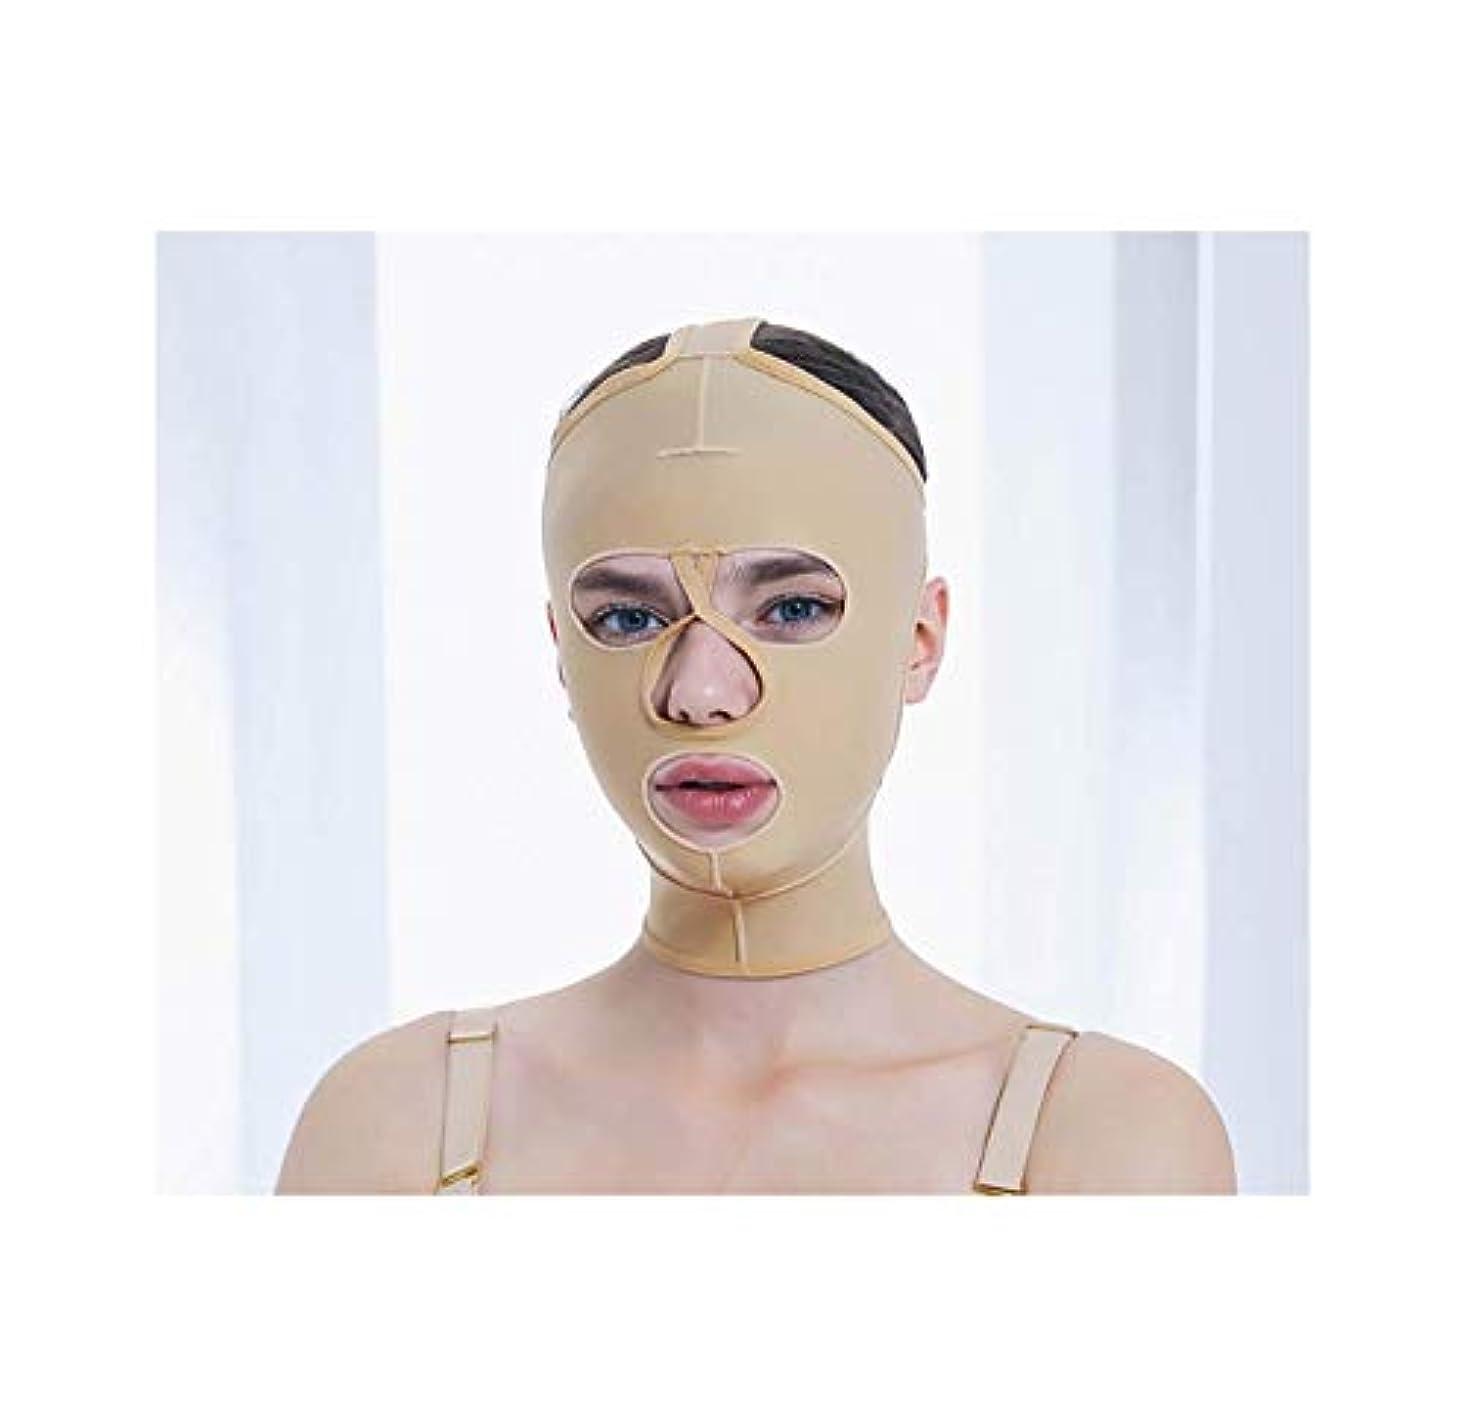 平行抱擁攻撃フェイス&ネックリフト、減量フェイスマスク脂肪吸引術脂肪吸引整形マスクフードフェイスリフティングアーティファクトVフェイスビームフェイス弾性スリーブ(サイズ:XS),XXL